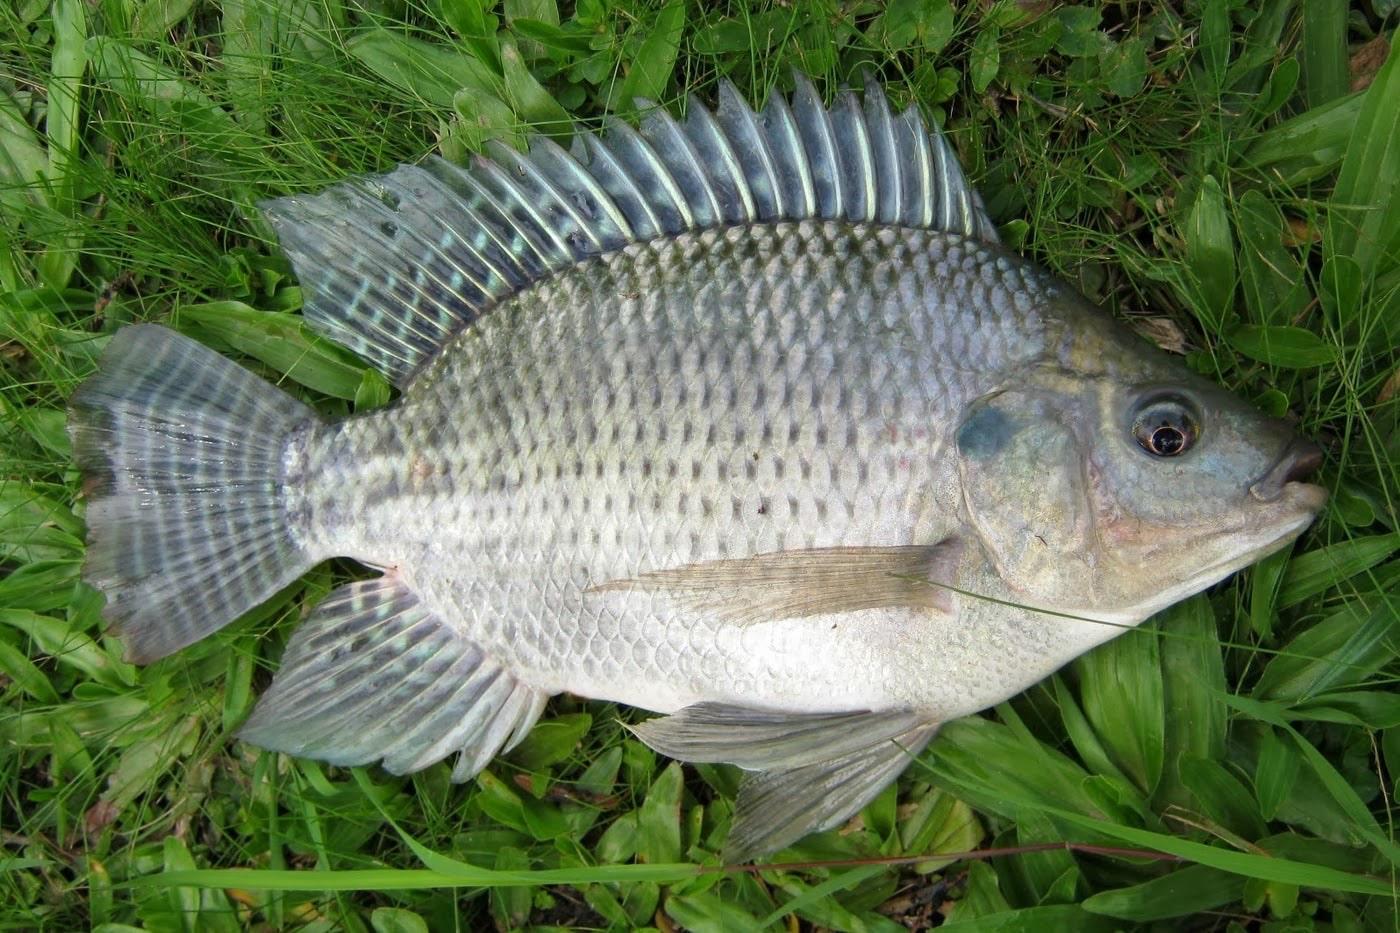 Ikan Nila Cara Merawat Budidaya Pakan Harga Jual Lengkap